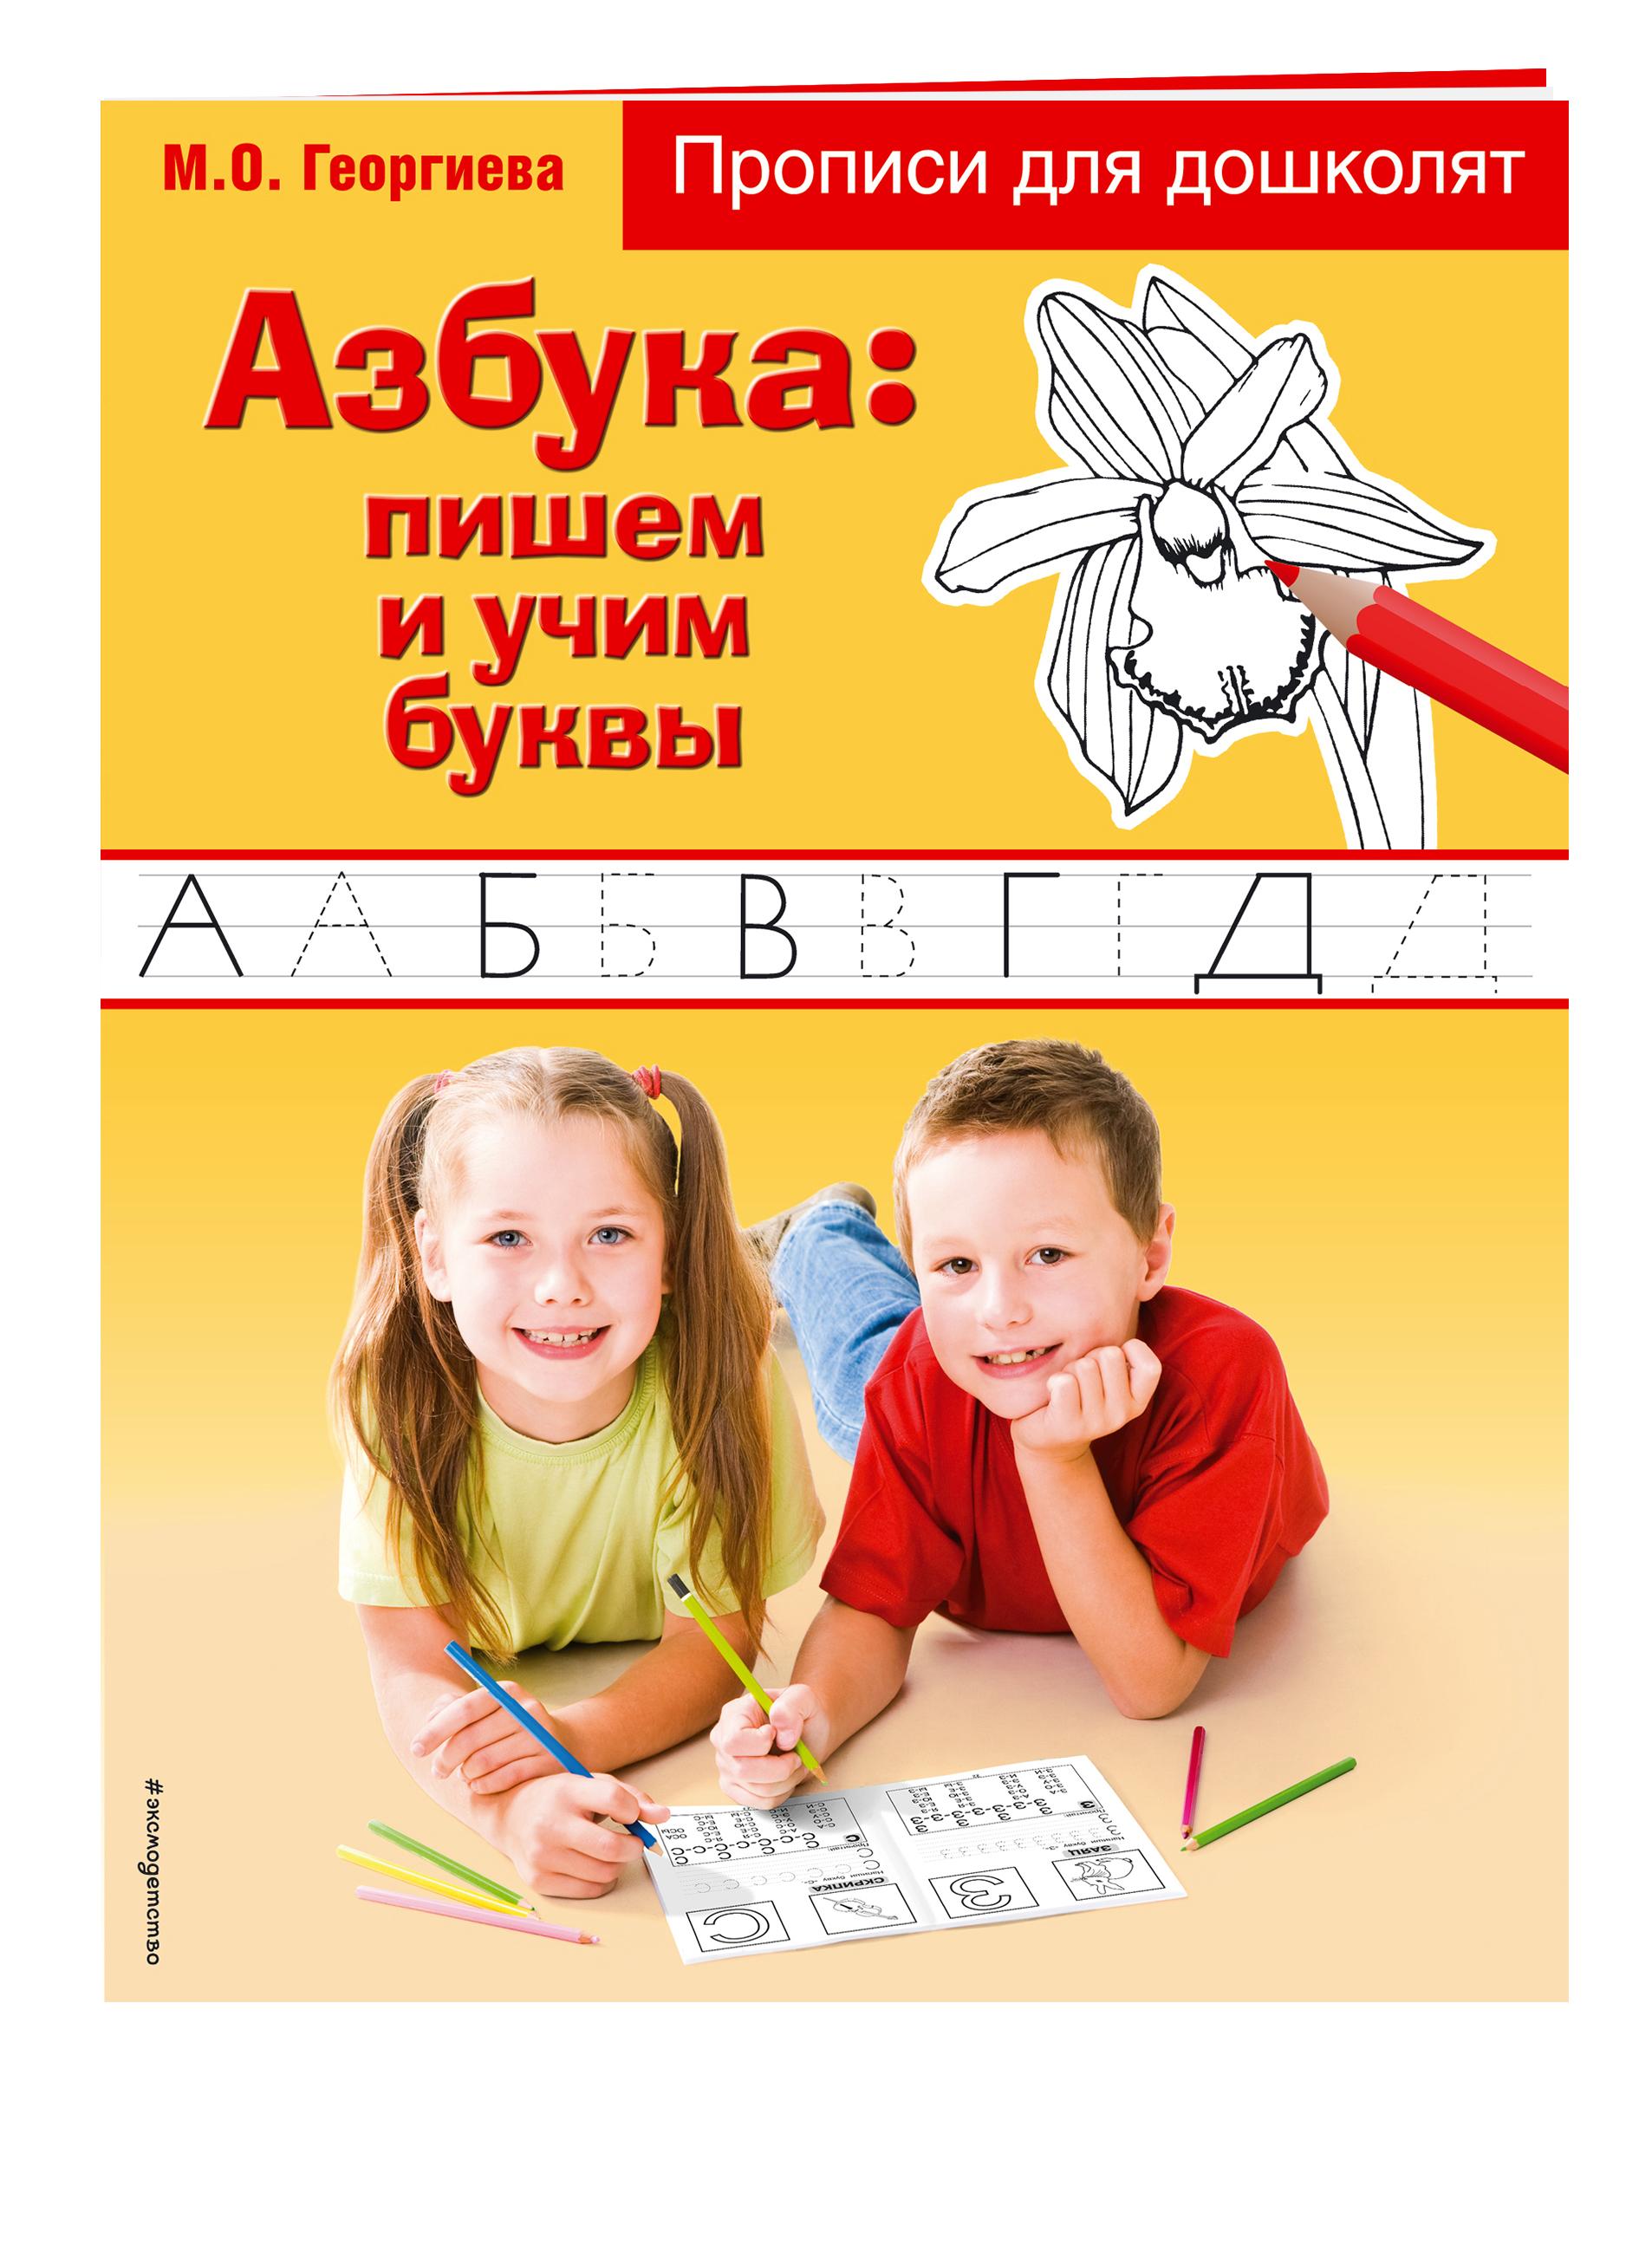 Георгиева М.О. Азбука: пишем и учим буквы георгиева марина олеговна азбука пишем и учим буквы прописи для дошколят